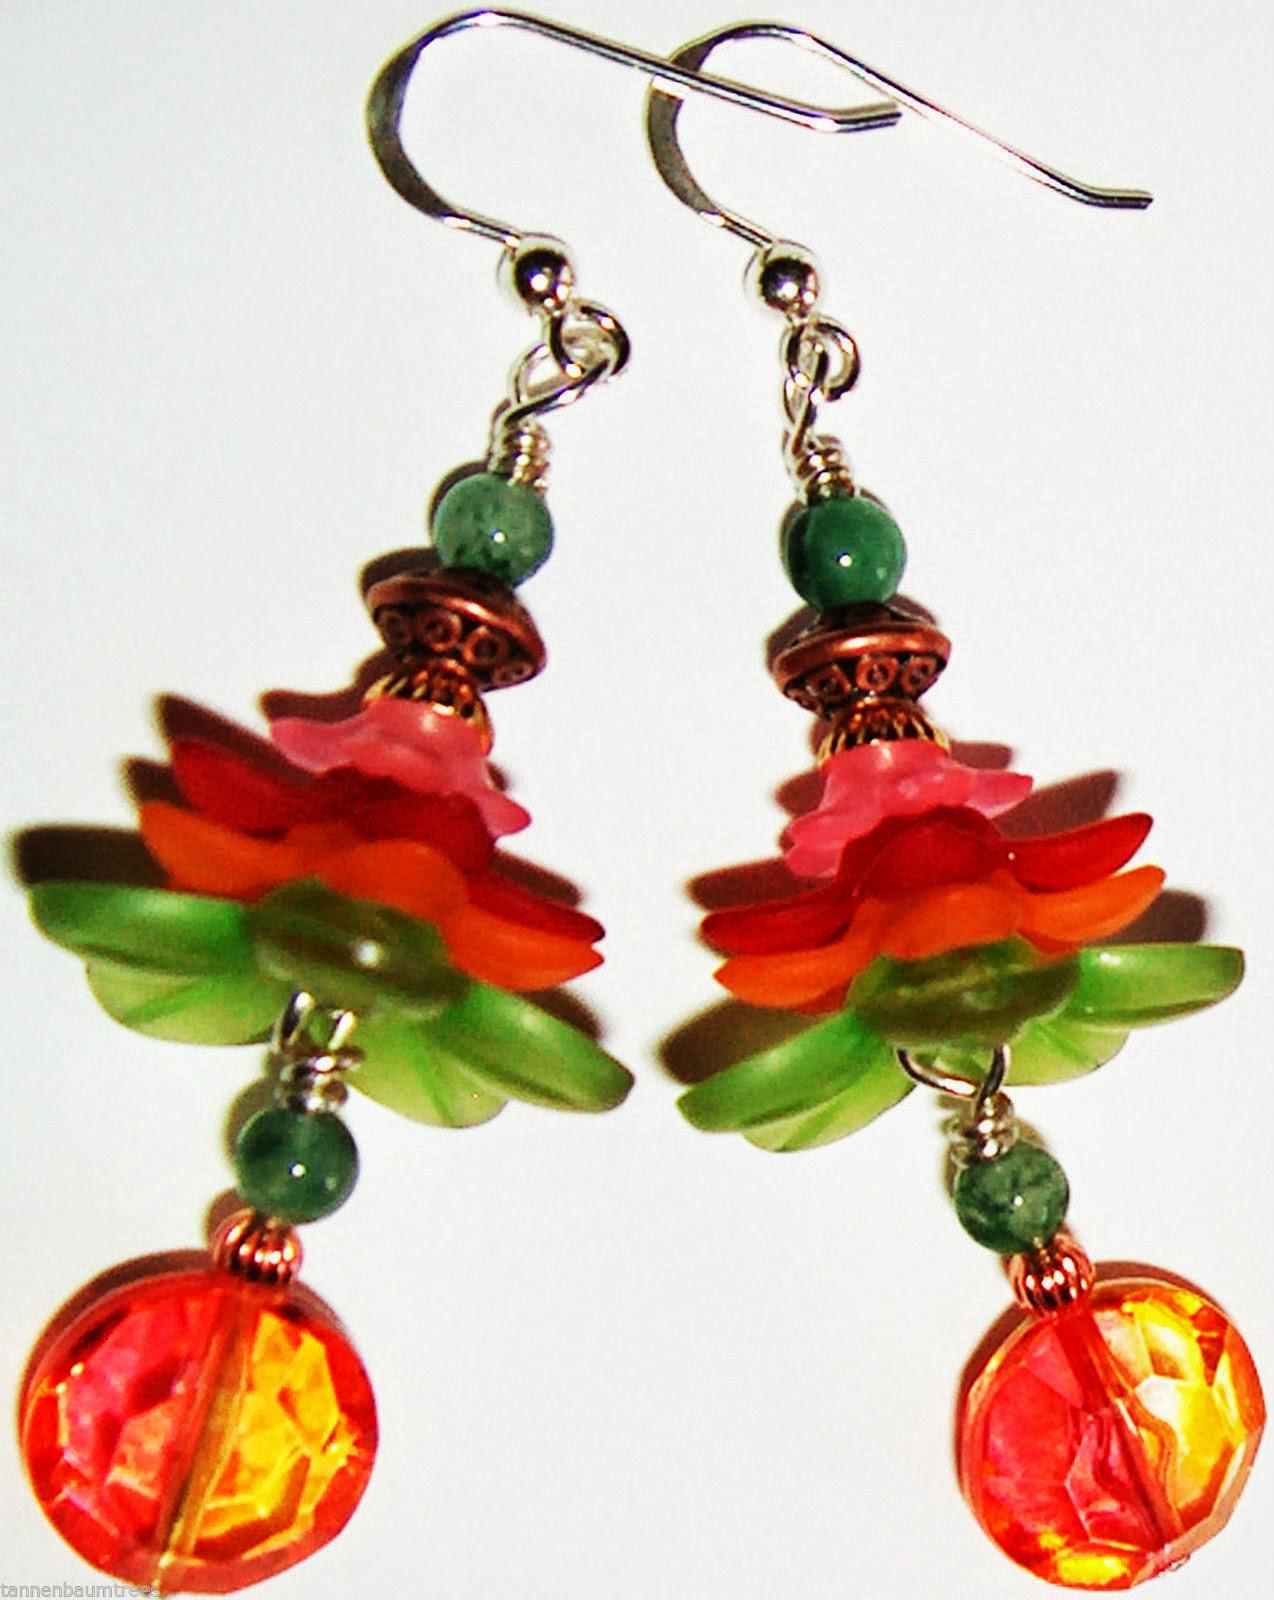 http://stores.ebay.com/Kirsten-Tannenbaum-Earrings-by-Mom